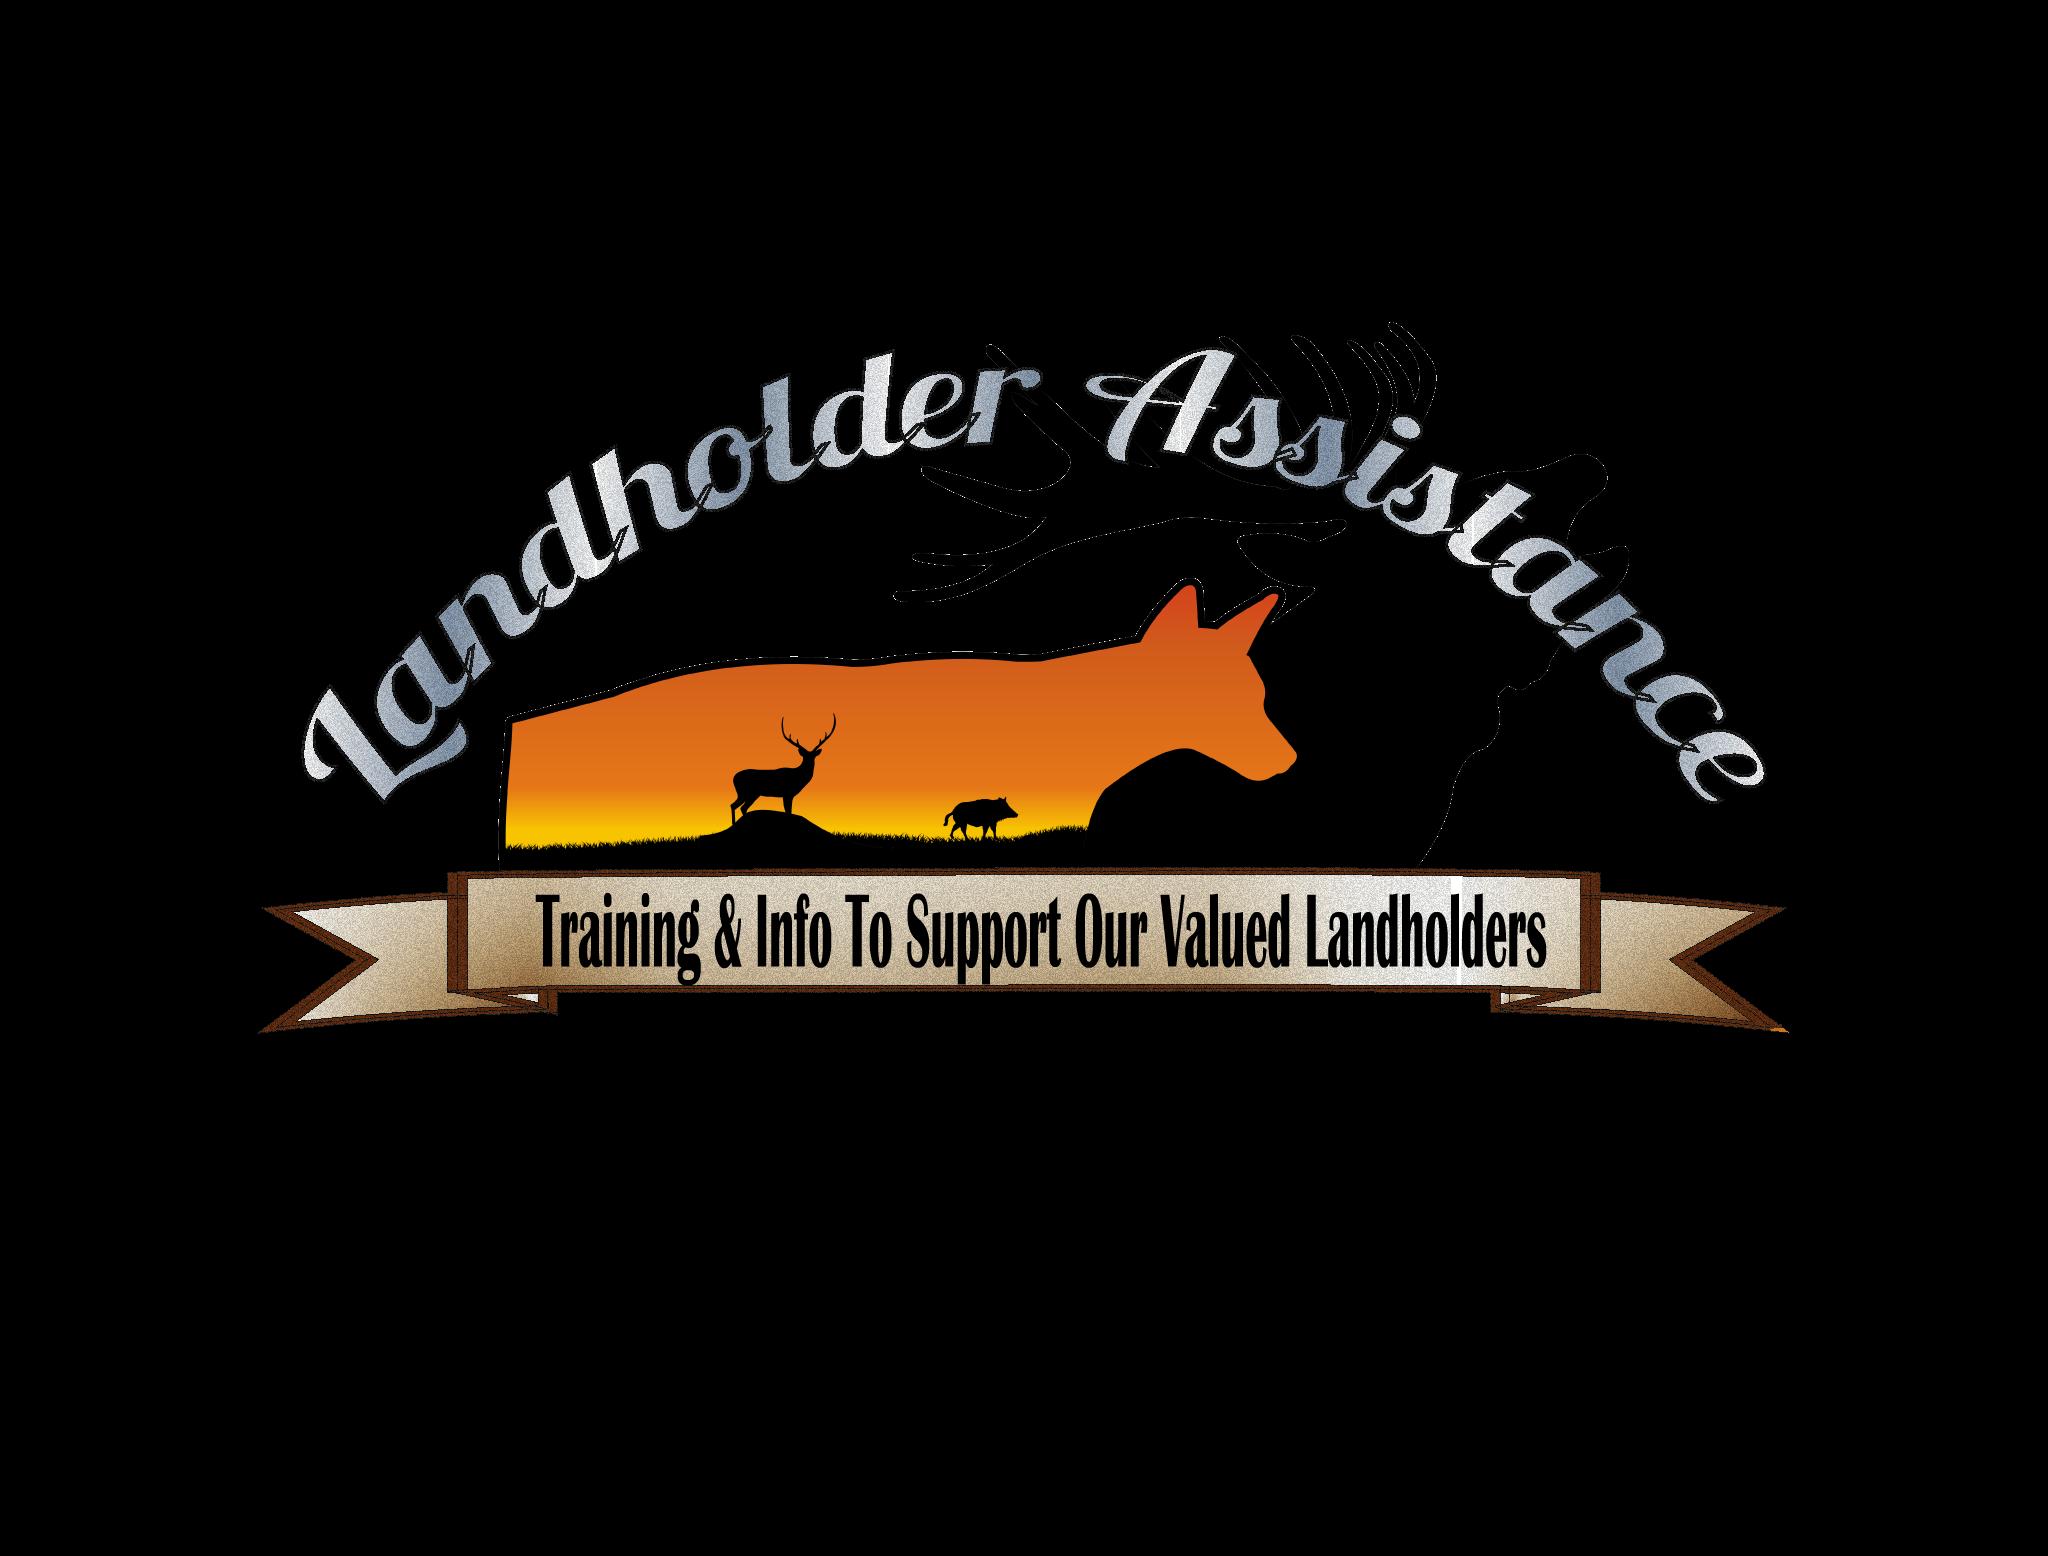 Landholder AWCA